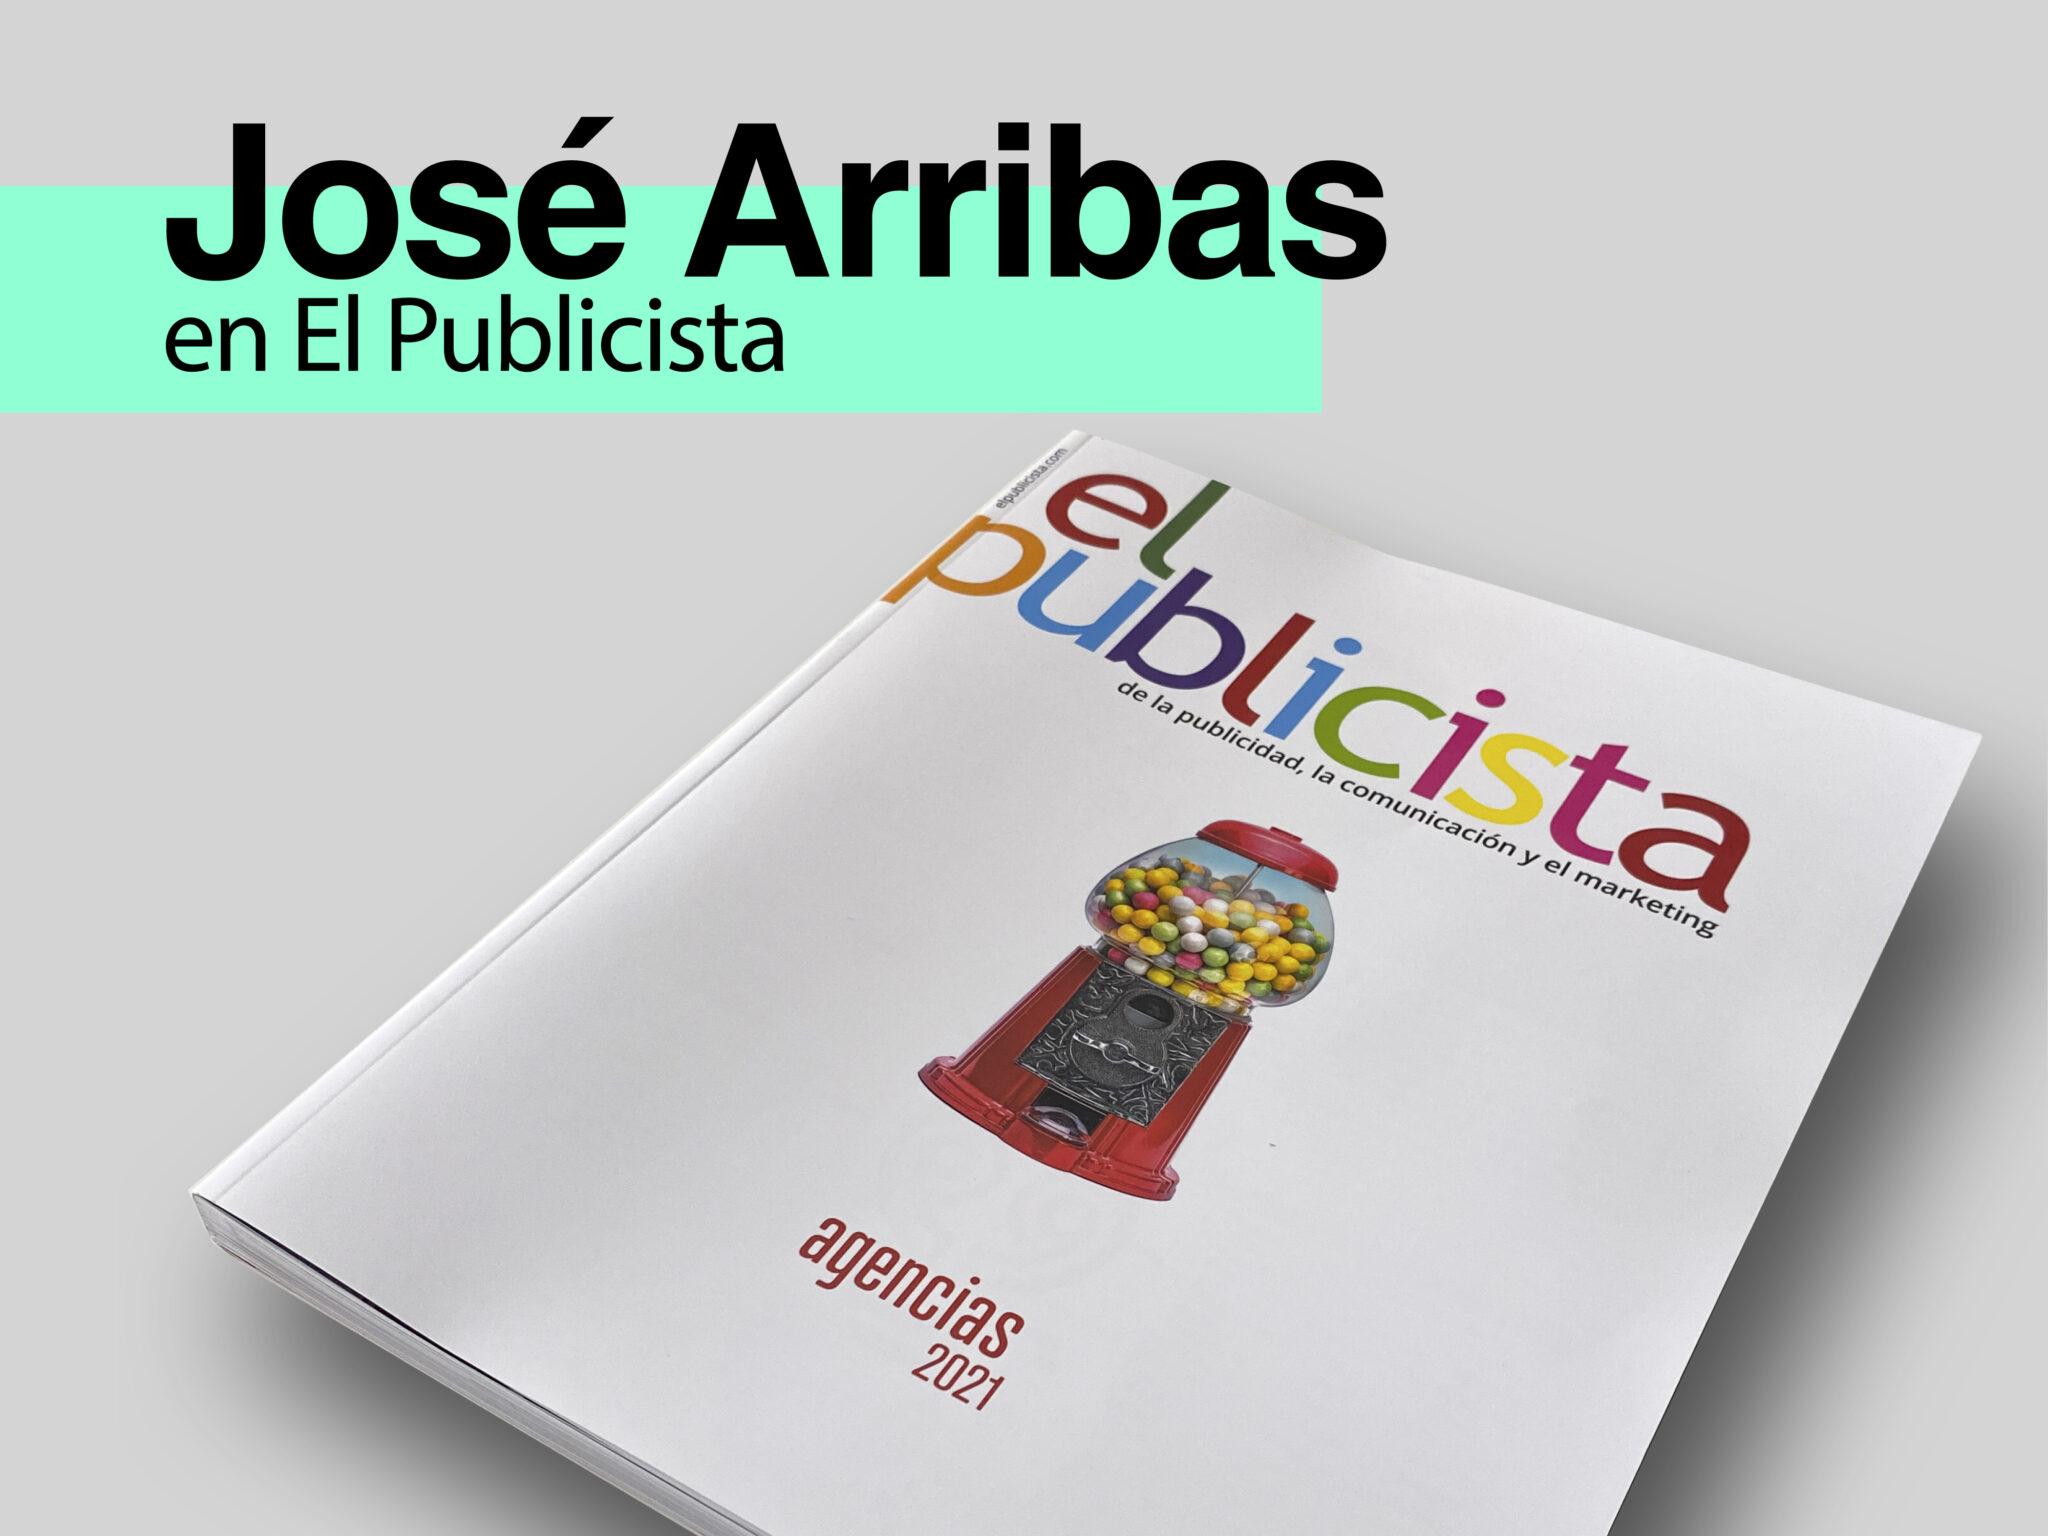 Nueva entrevista a José Arribas León en el medio El Publicista - Parnaso